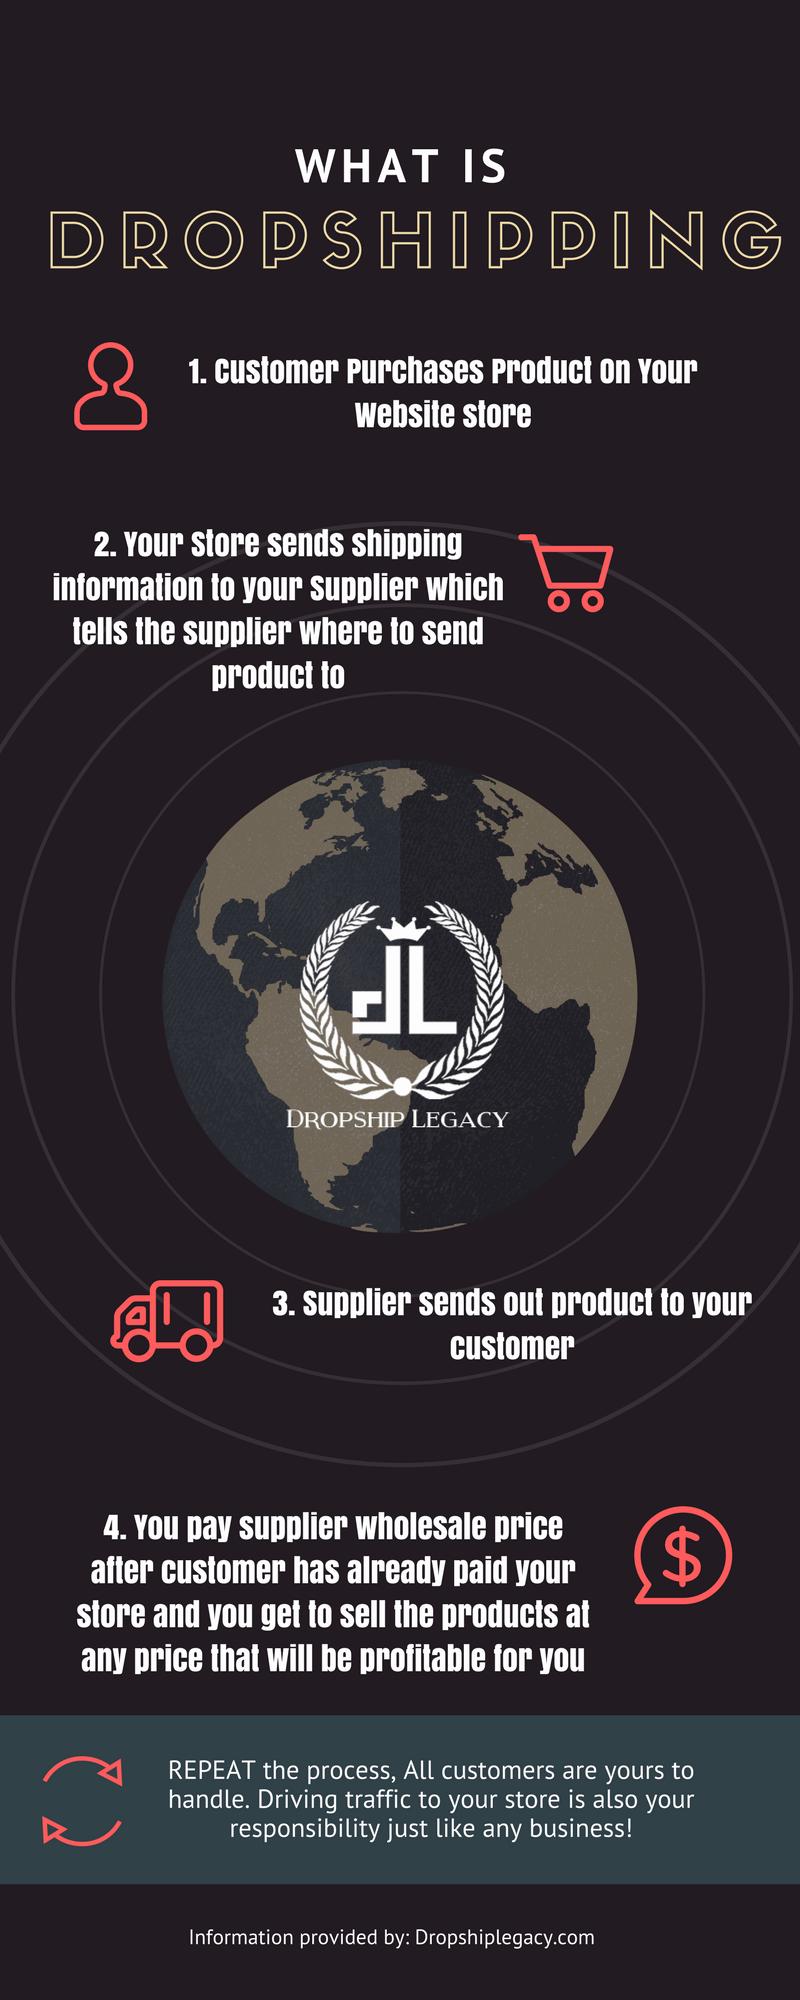 现在任何人都可以轻松地在网上建立一个Dropshipping店铺 - 我将引导你如何建立一个电商店铺,从品牌到选品到最重要的市场营销。(Dropship Legacy)